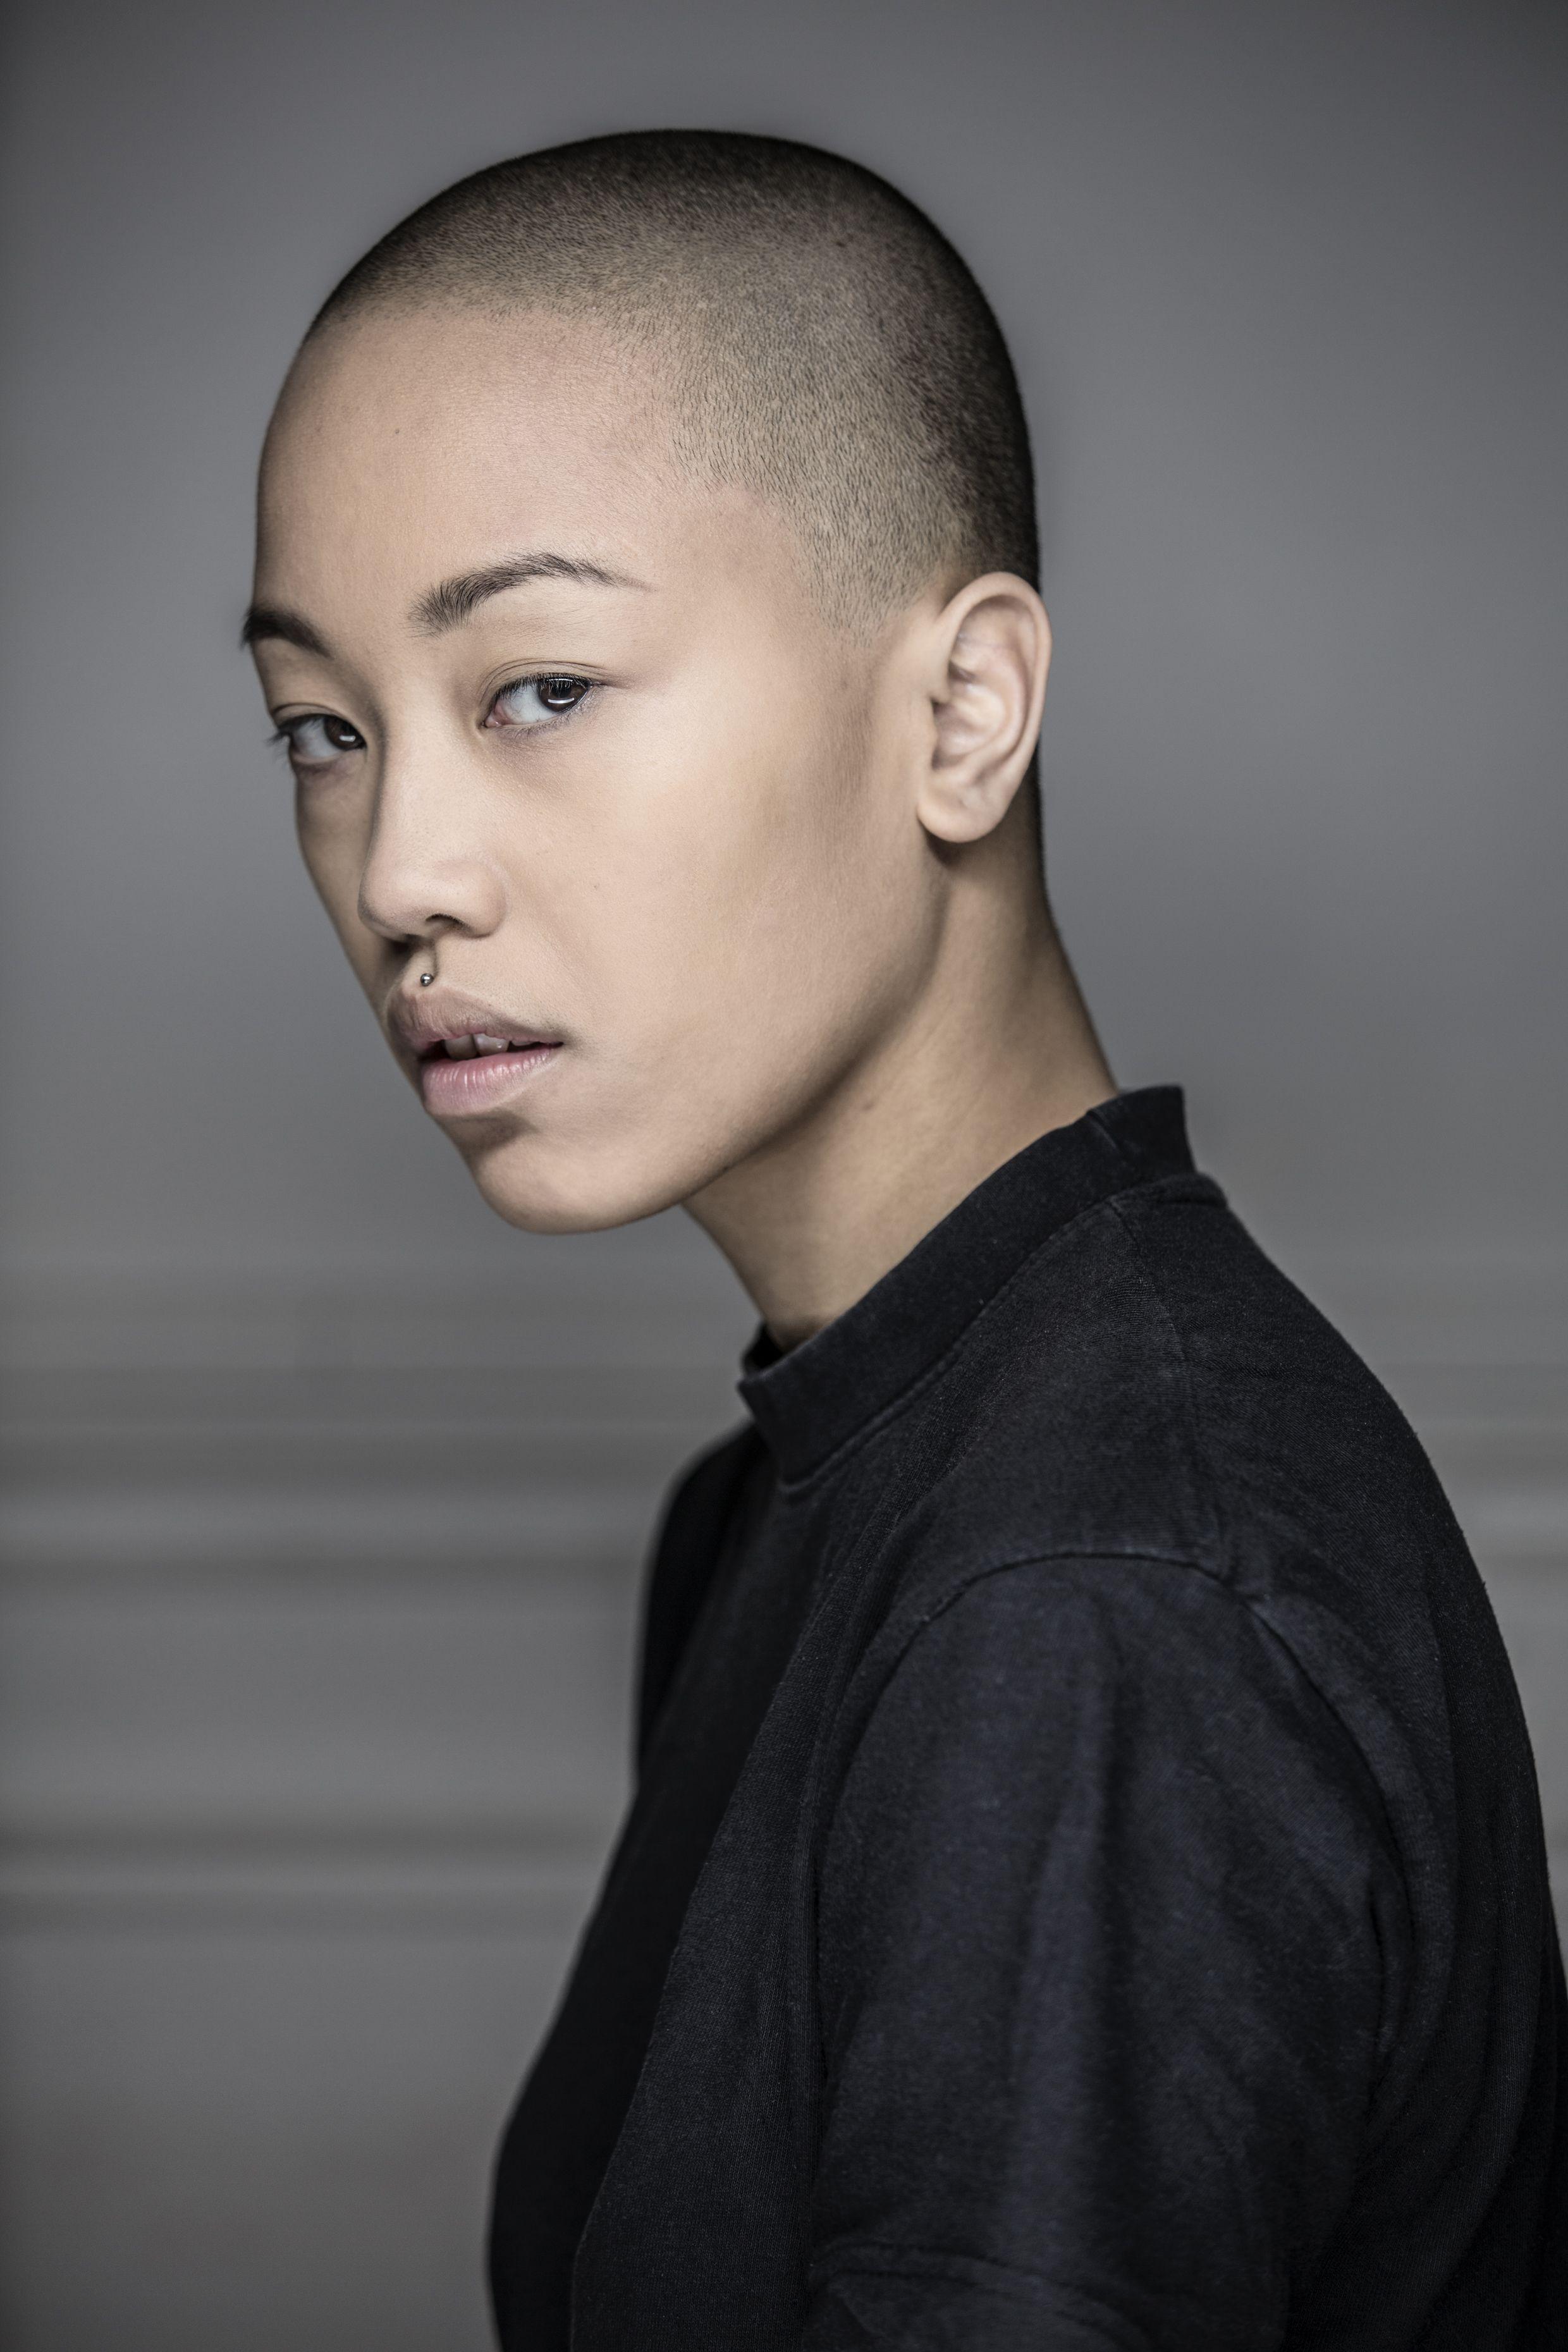 Pin by Debra Reid on Bald head inspiration Shaved head women